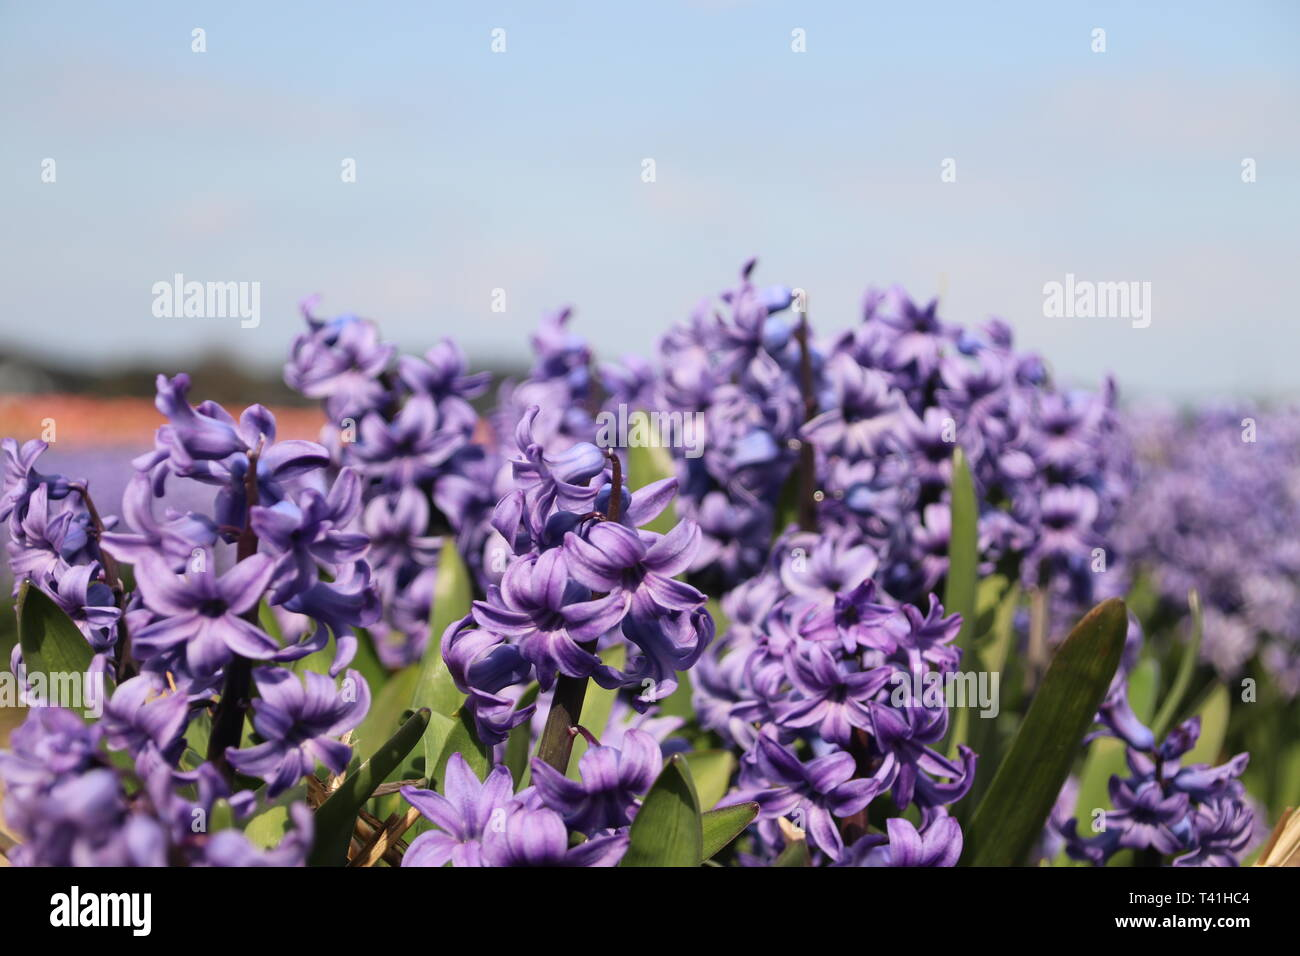 Purple Hyacinths in rows on flower bulb field in Noordwijkerhout in the Netherlands Stock Photo